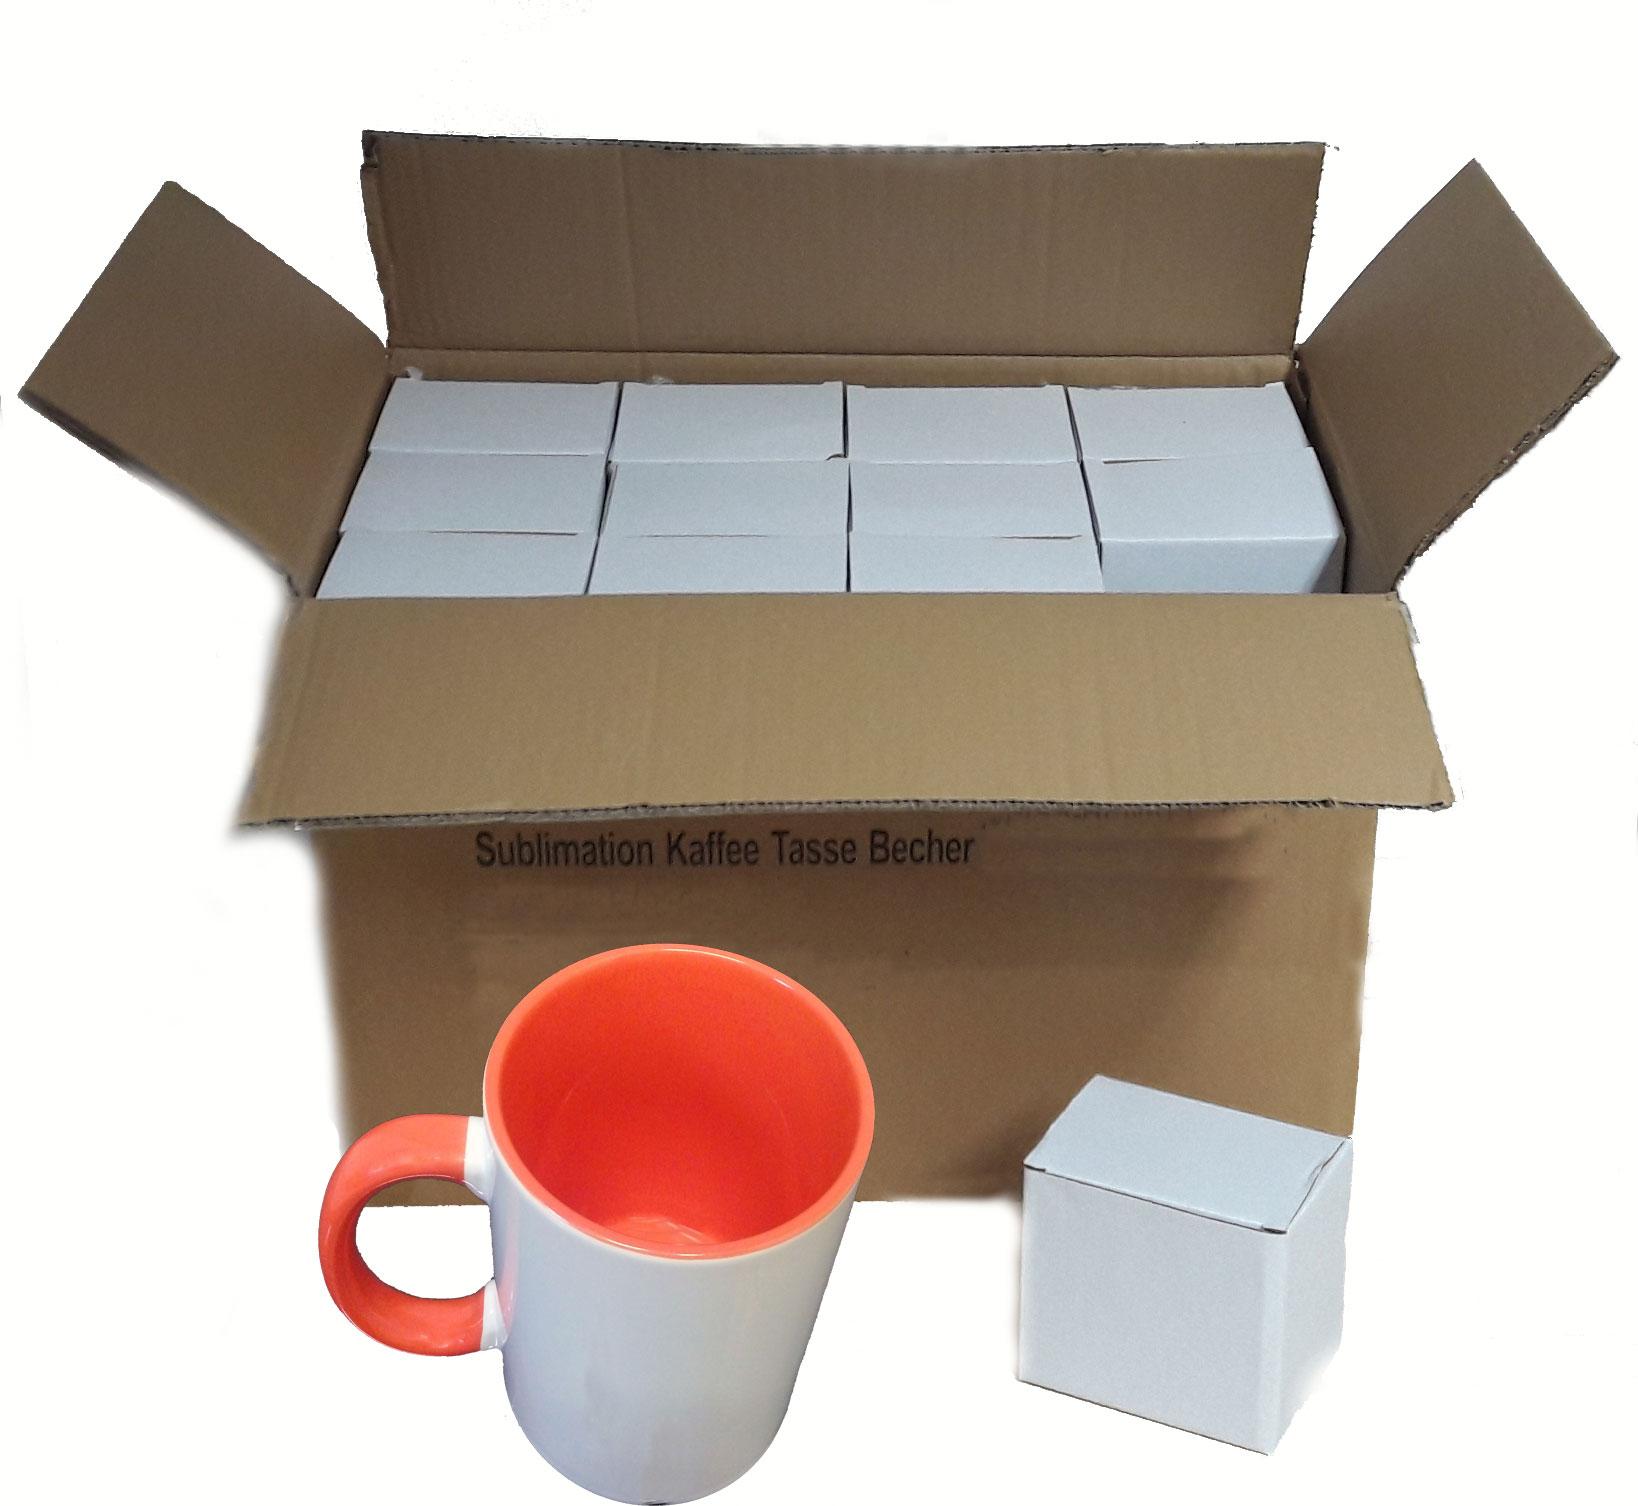 36 Stück Fototasse Sublimation Kaffee Tassen Becher WEISS - HENKEL ORANGE